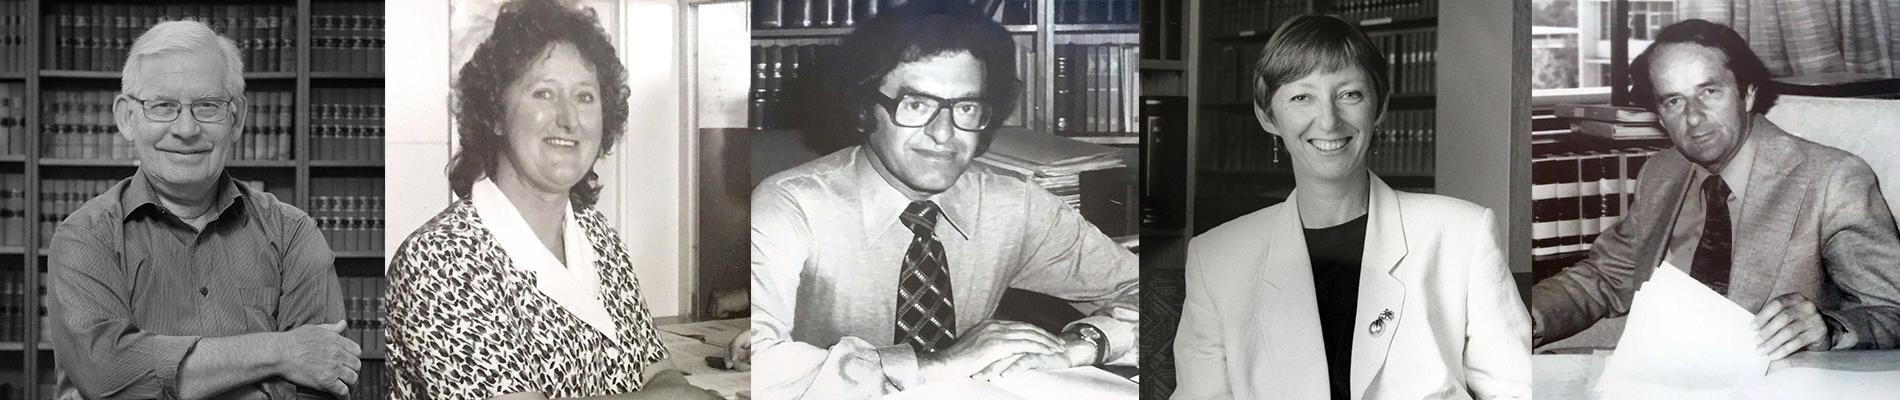 ANU Law Staff Photos